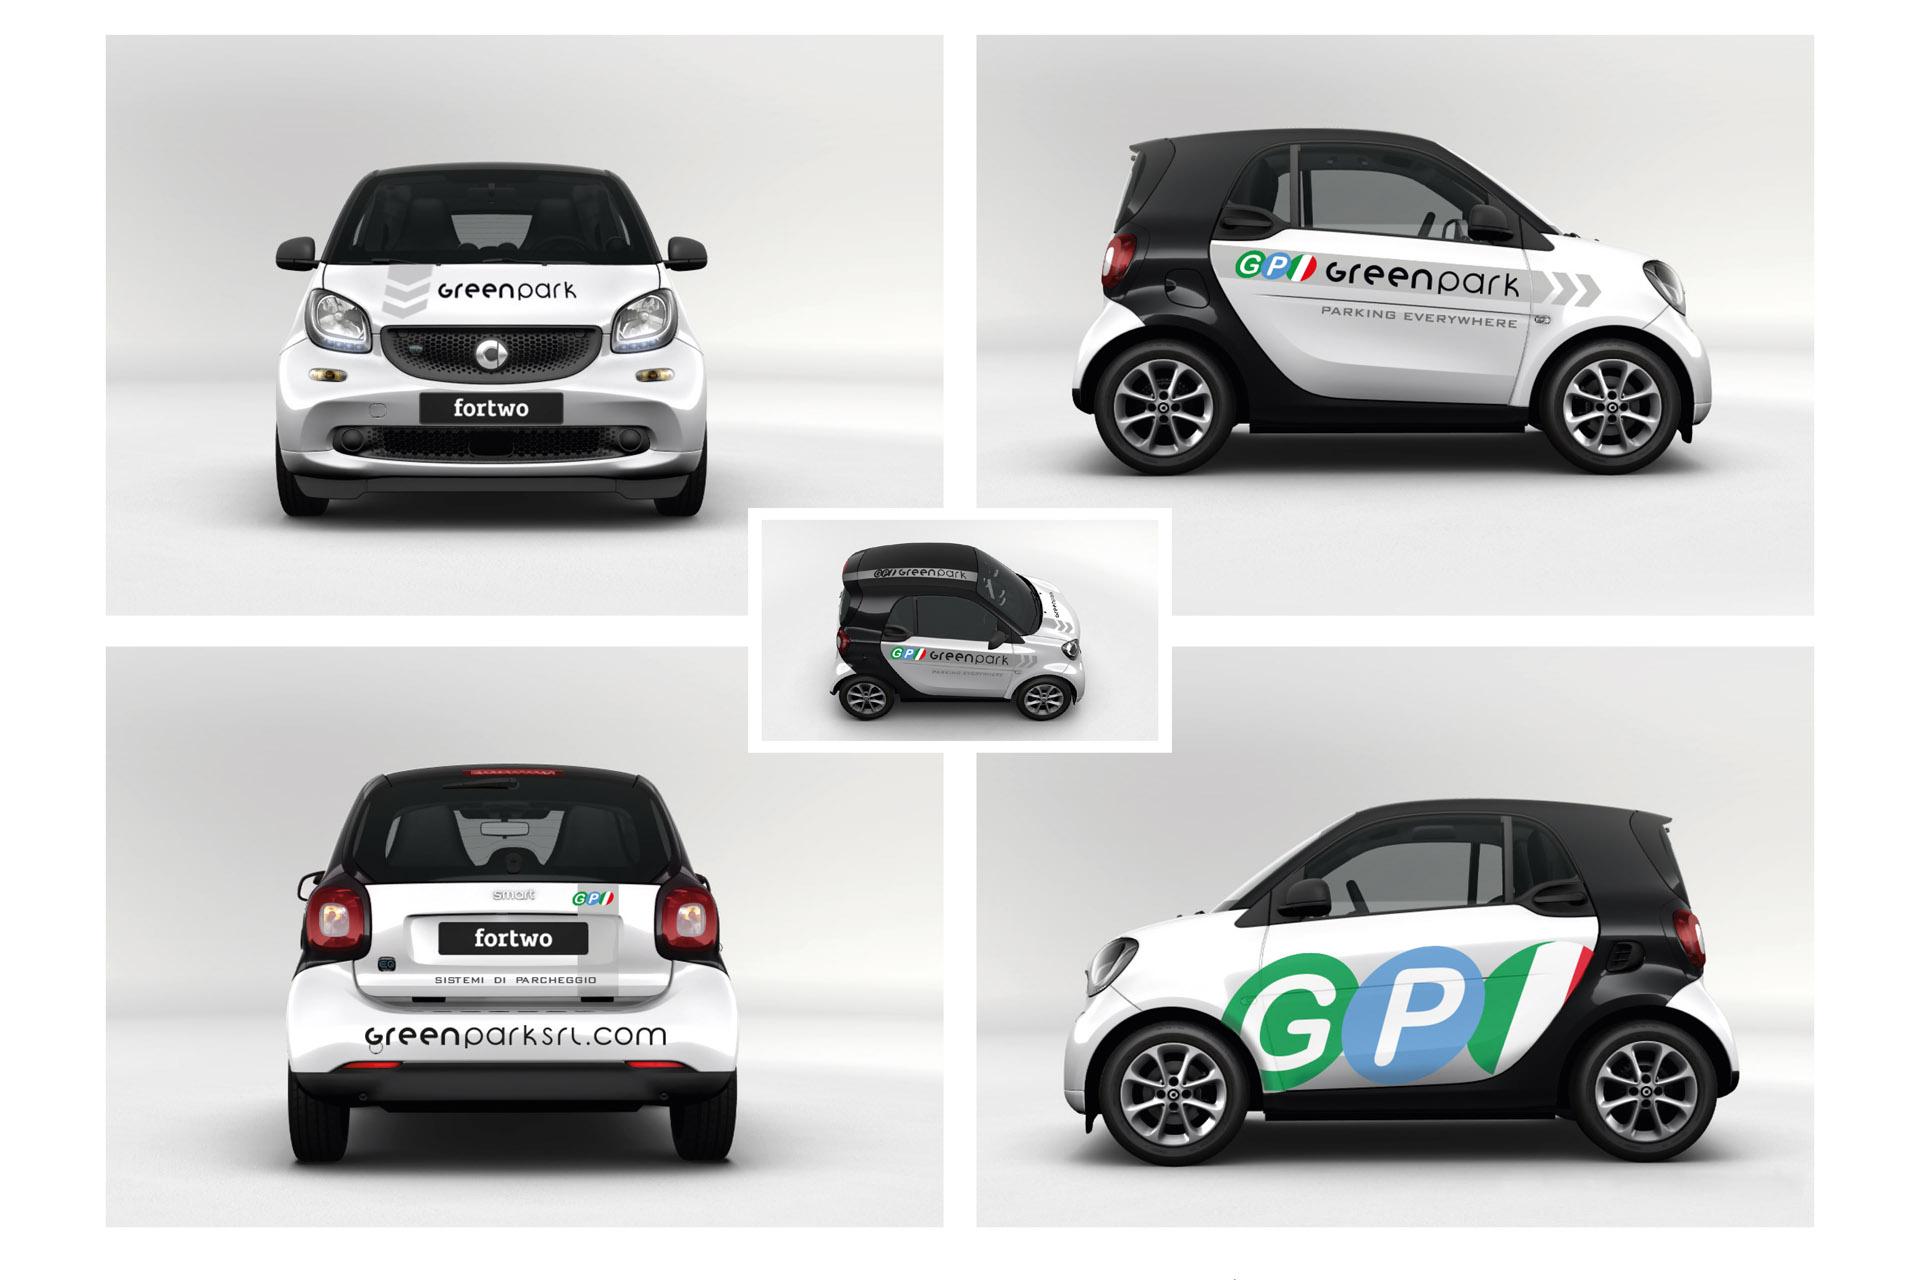 Smart fortwo aziendale pubblicitaria adesivi decalcomanie casarotto design e comunicazione castiglione delle stiviere 01